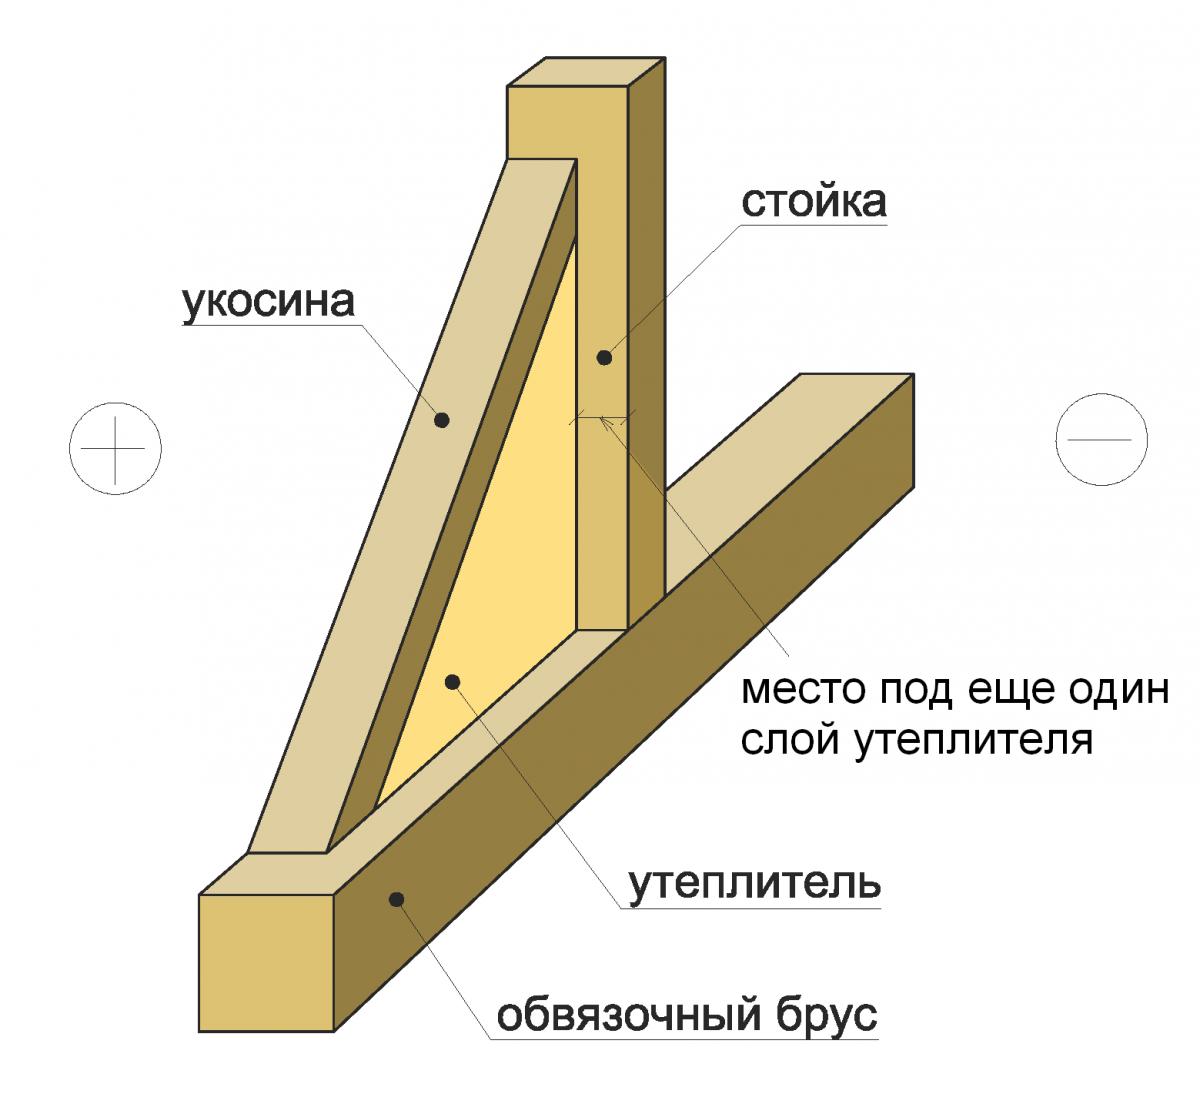 Рис. 1. Схема утепления скелета.